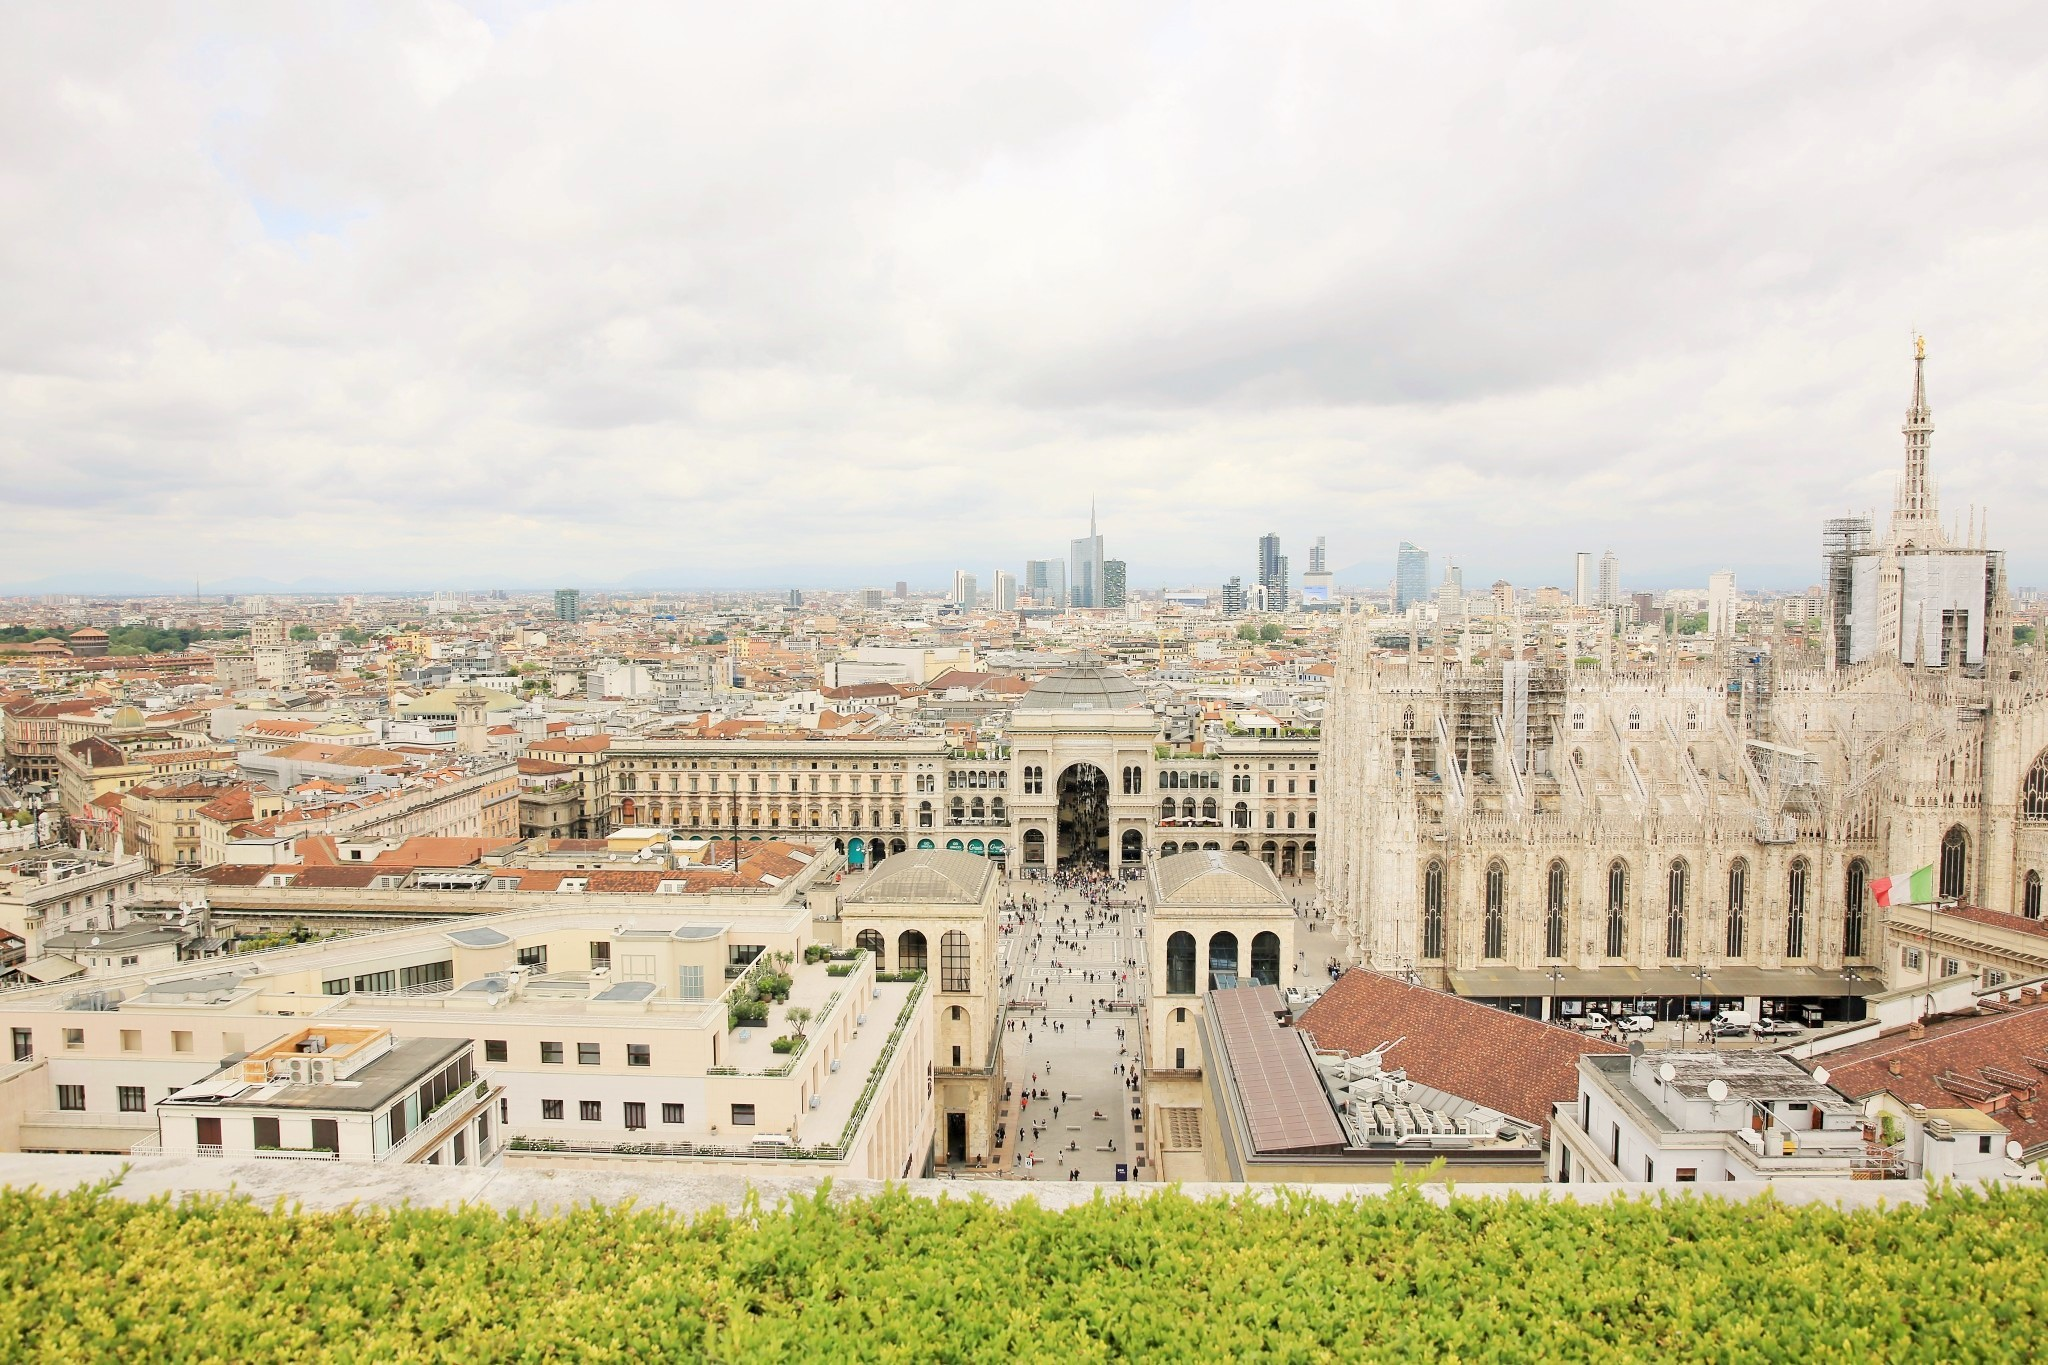 Terrazza Martini festeggia i 60 anni con un nuovo look | MARCOBEOLCHI